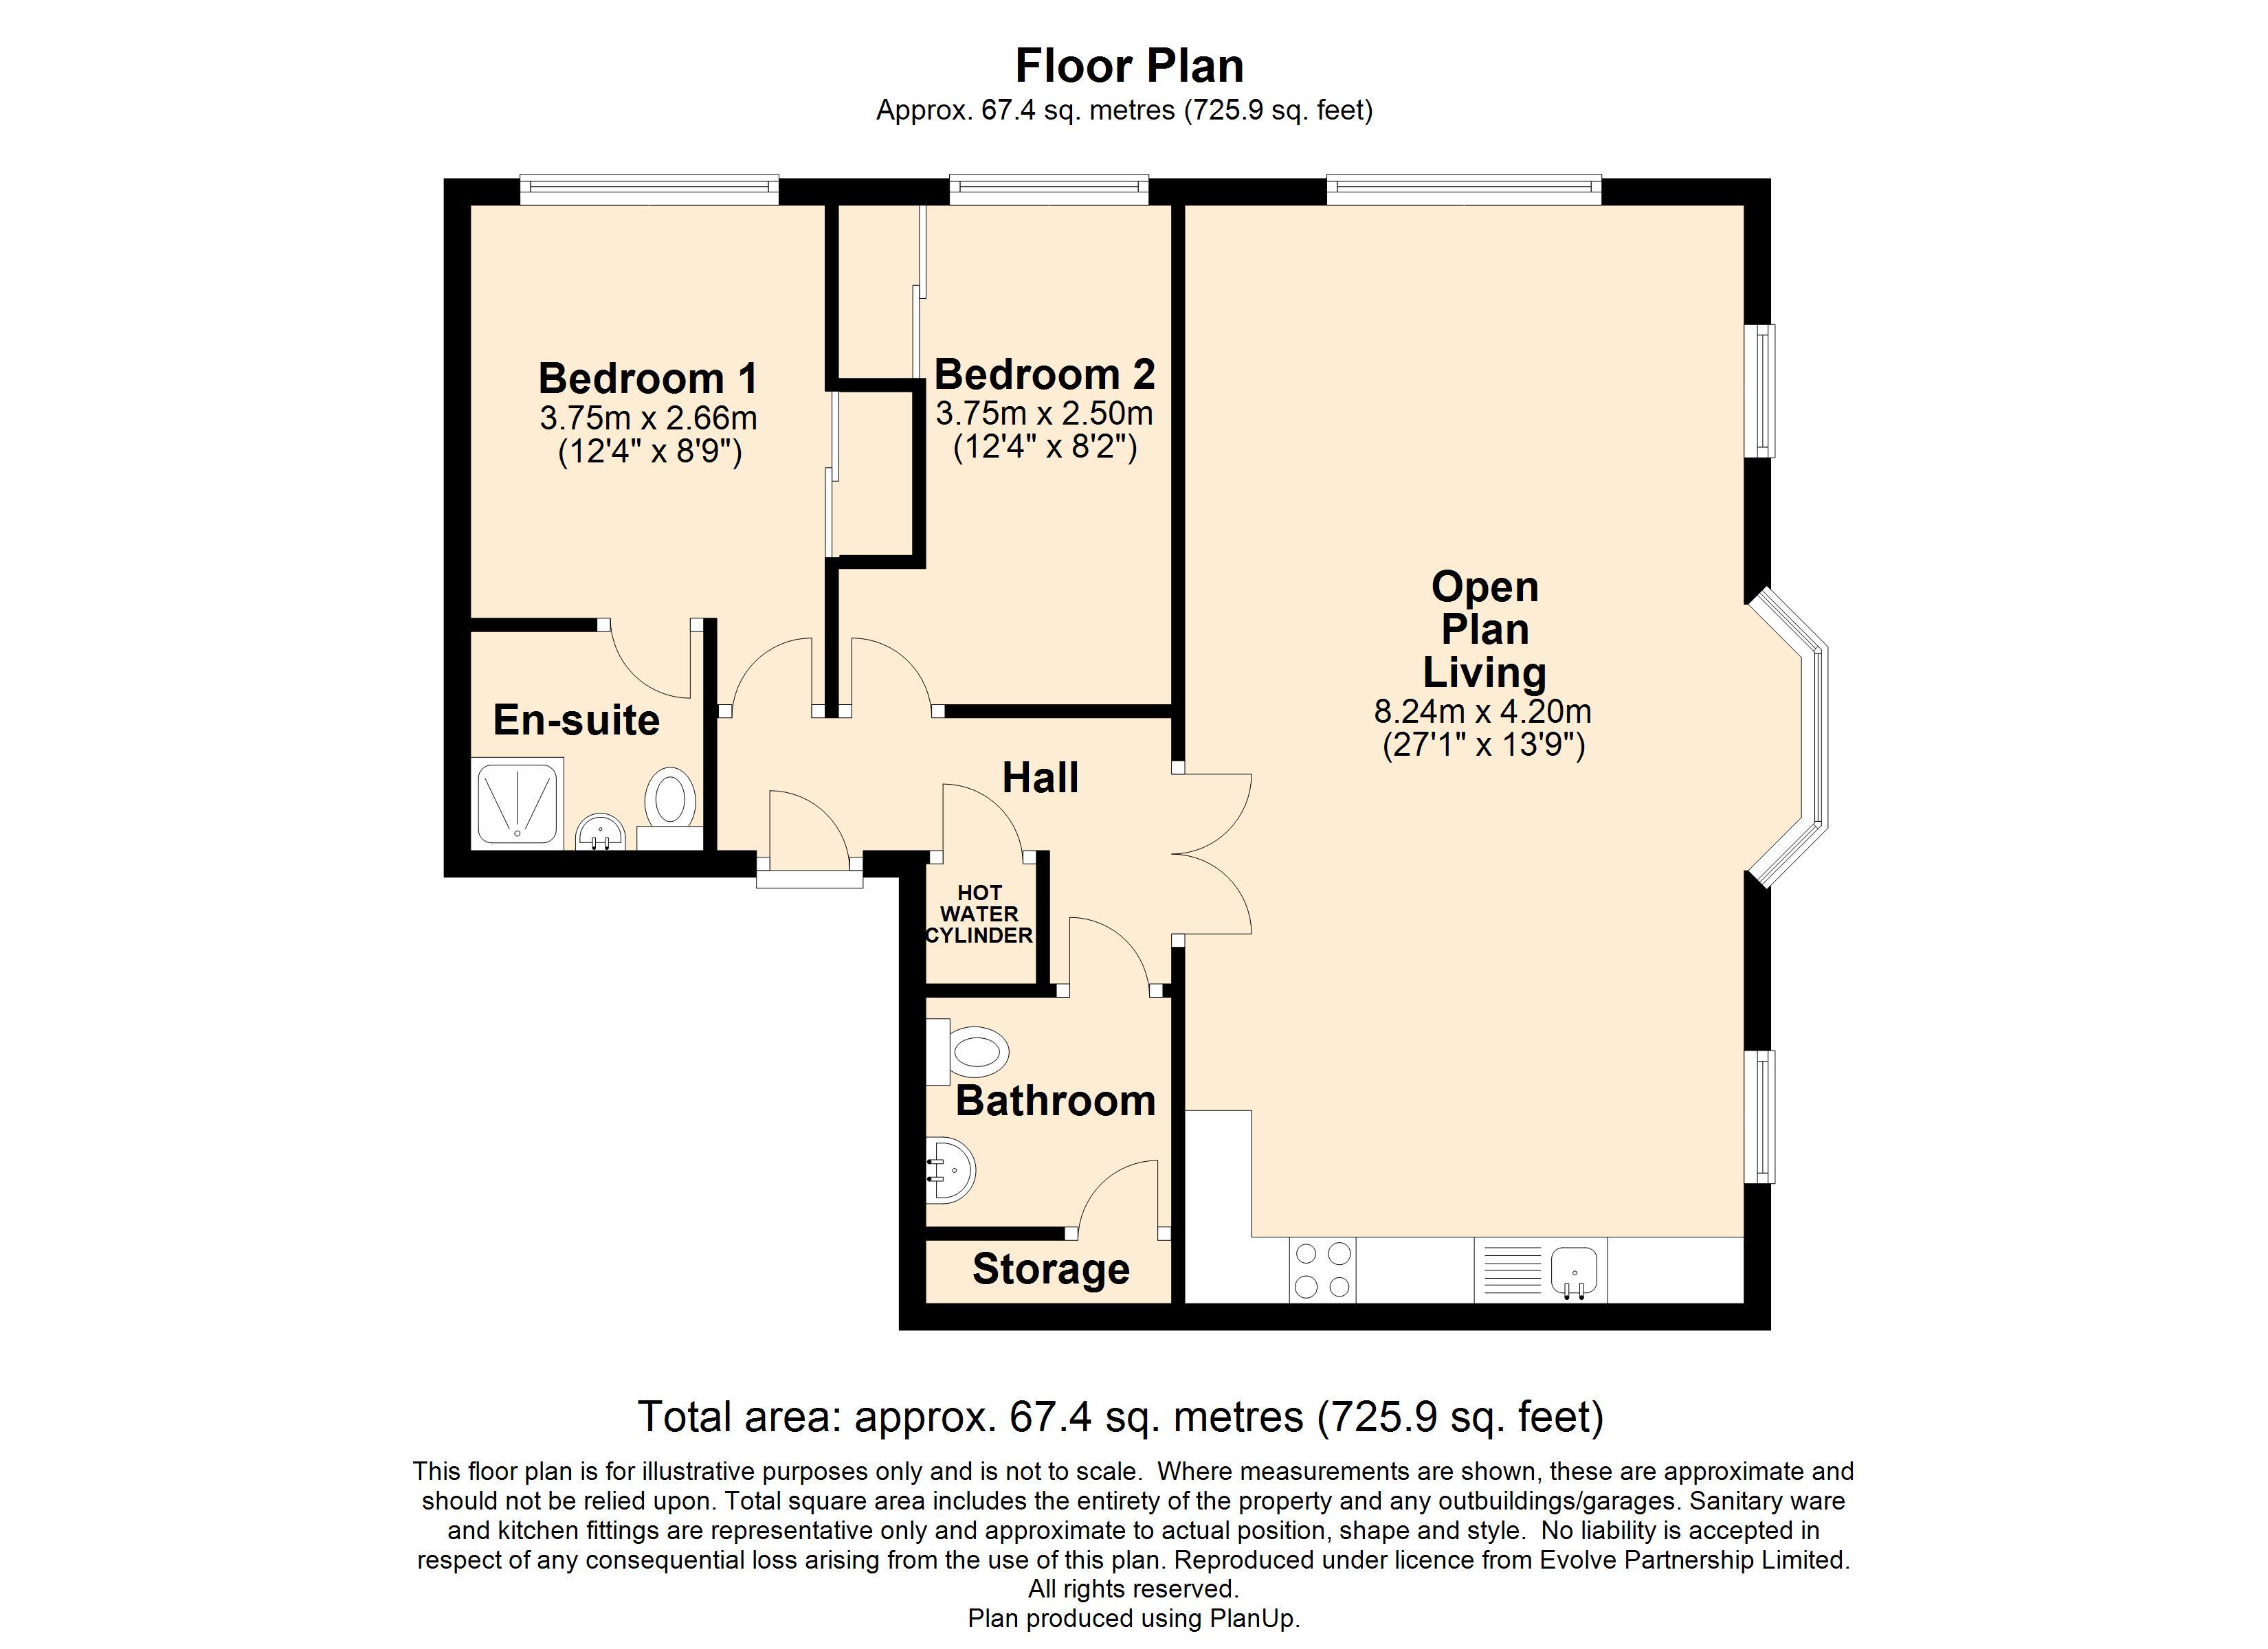 7 Salemorton Court Floorplan